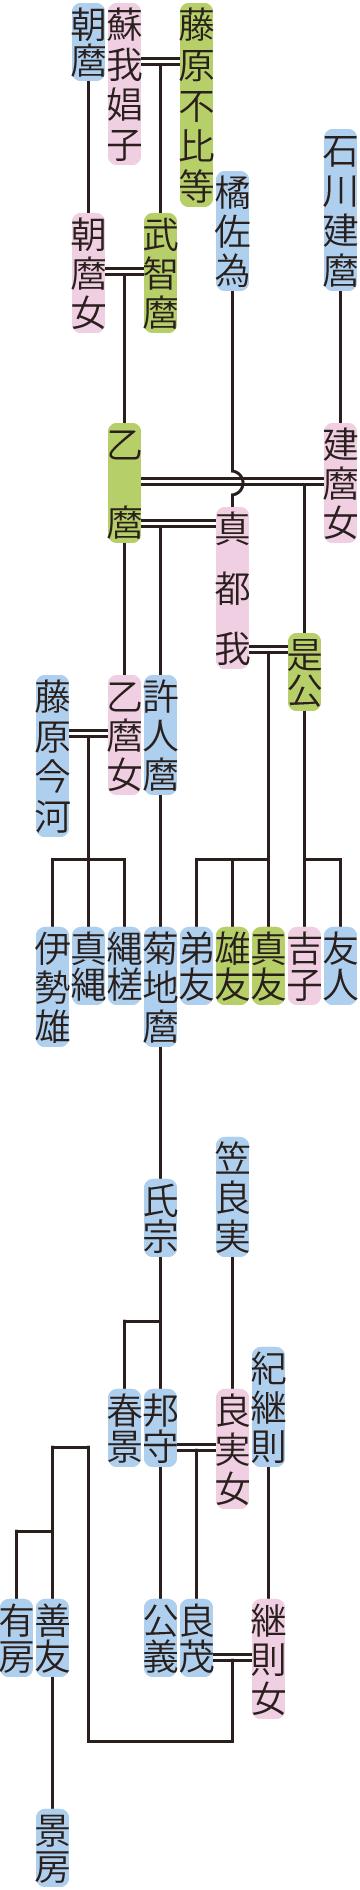 藤原乙麿の系図